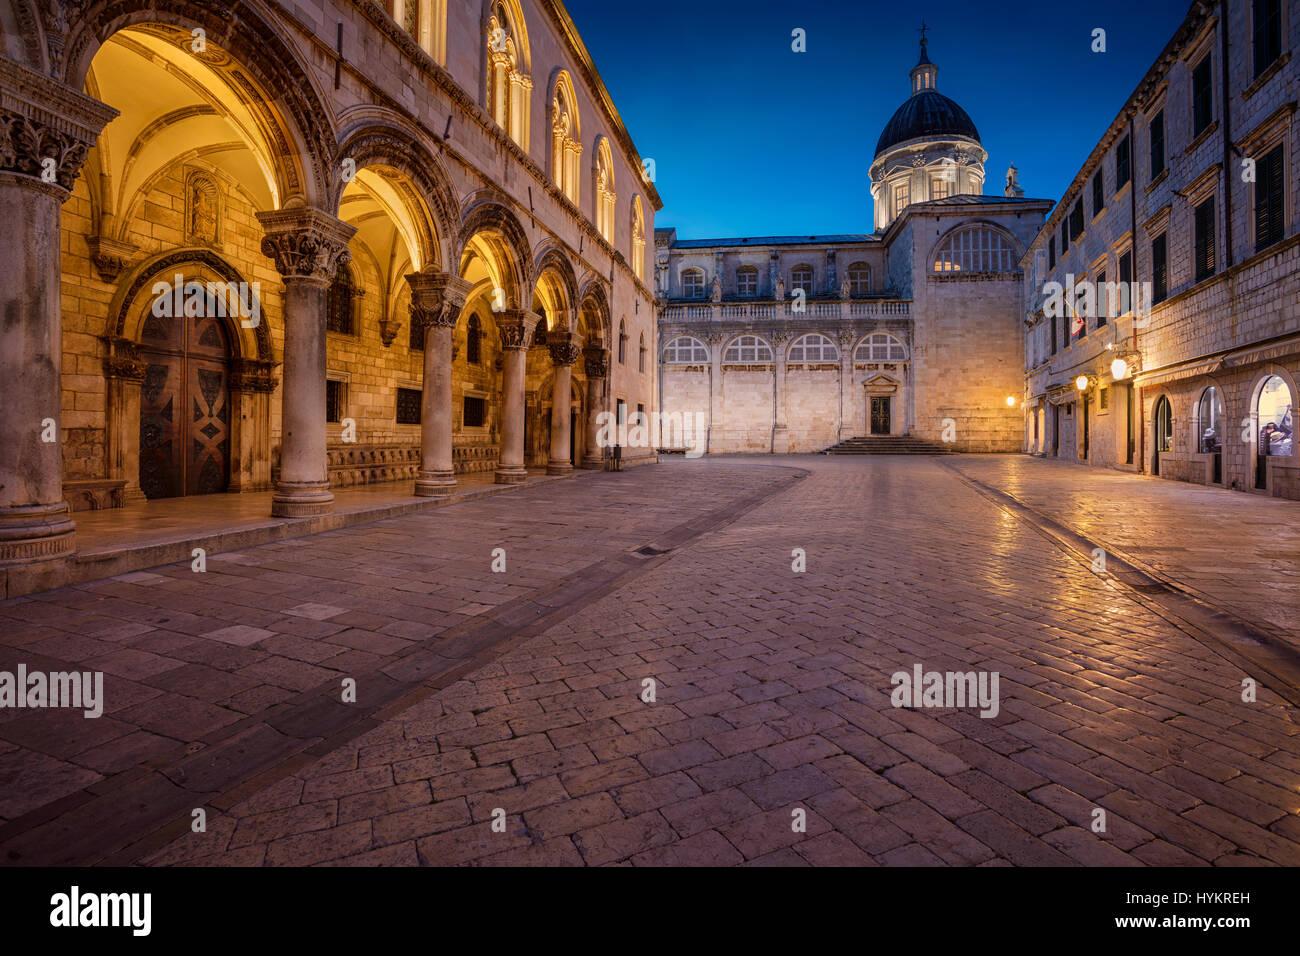 Dubrovnik. Hermosas y románticas calles del casco antiguo de Dubrovnik hora azul durante el crepúsculo. Foto de stock